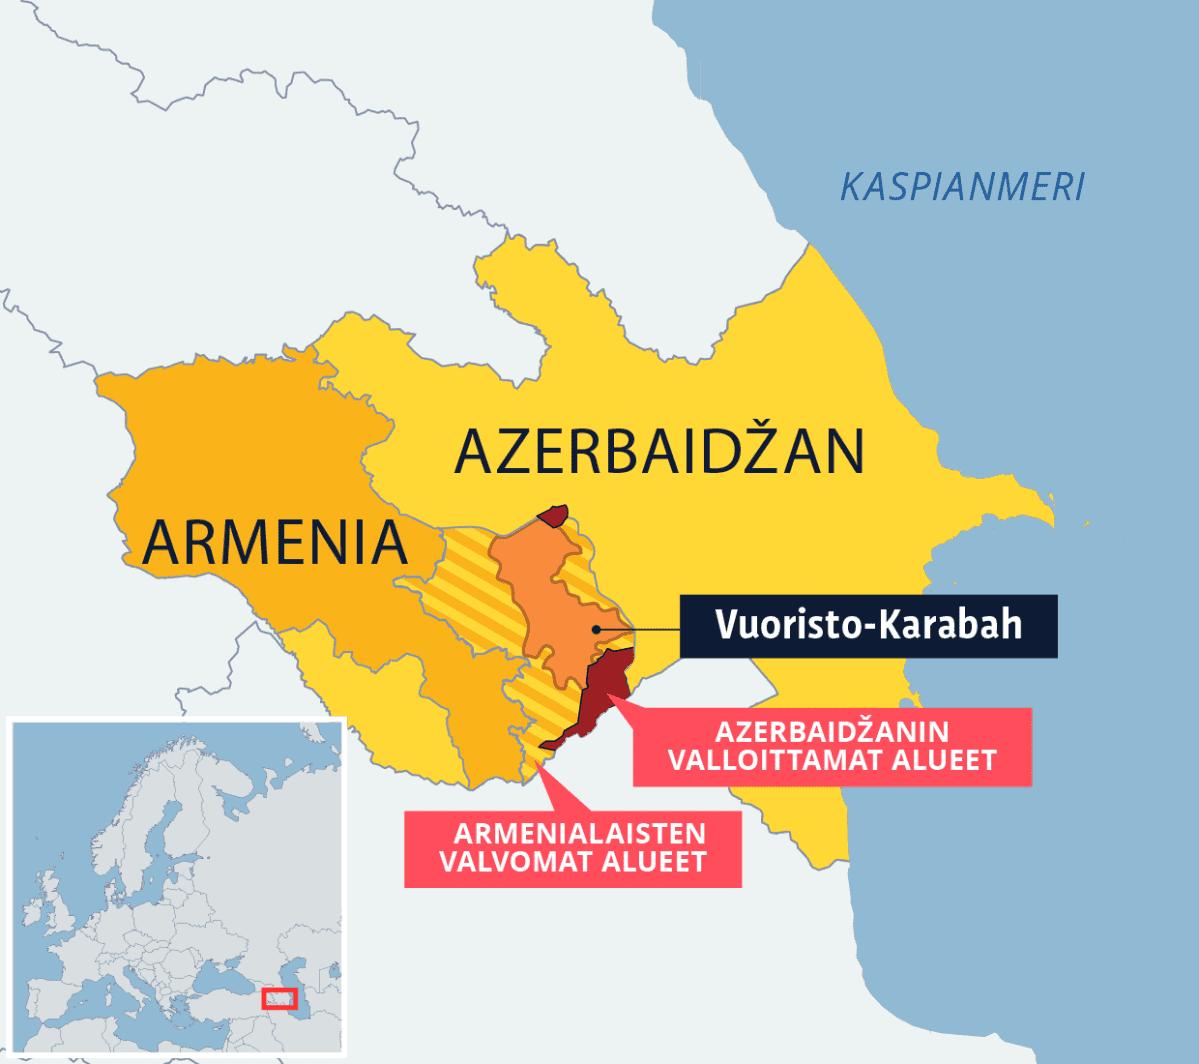 Kartta Vuoristo-Karabahin alueesta.